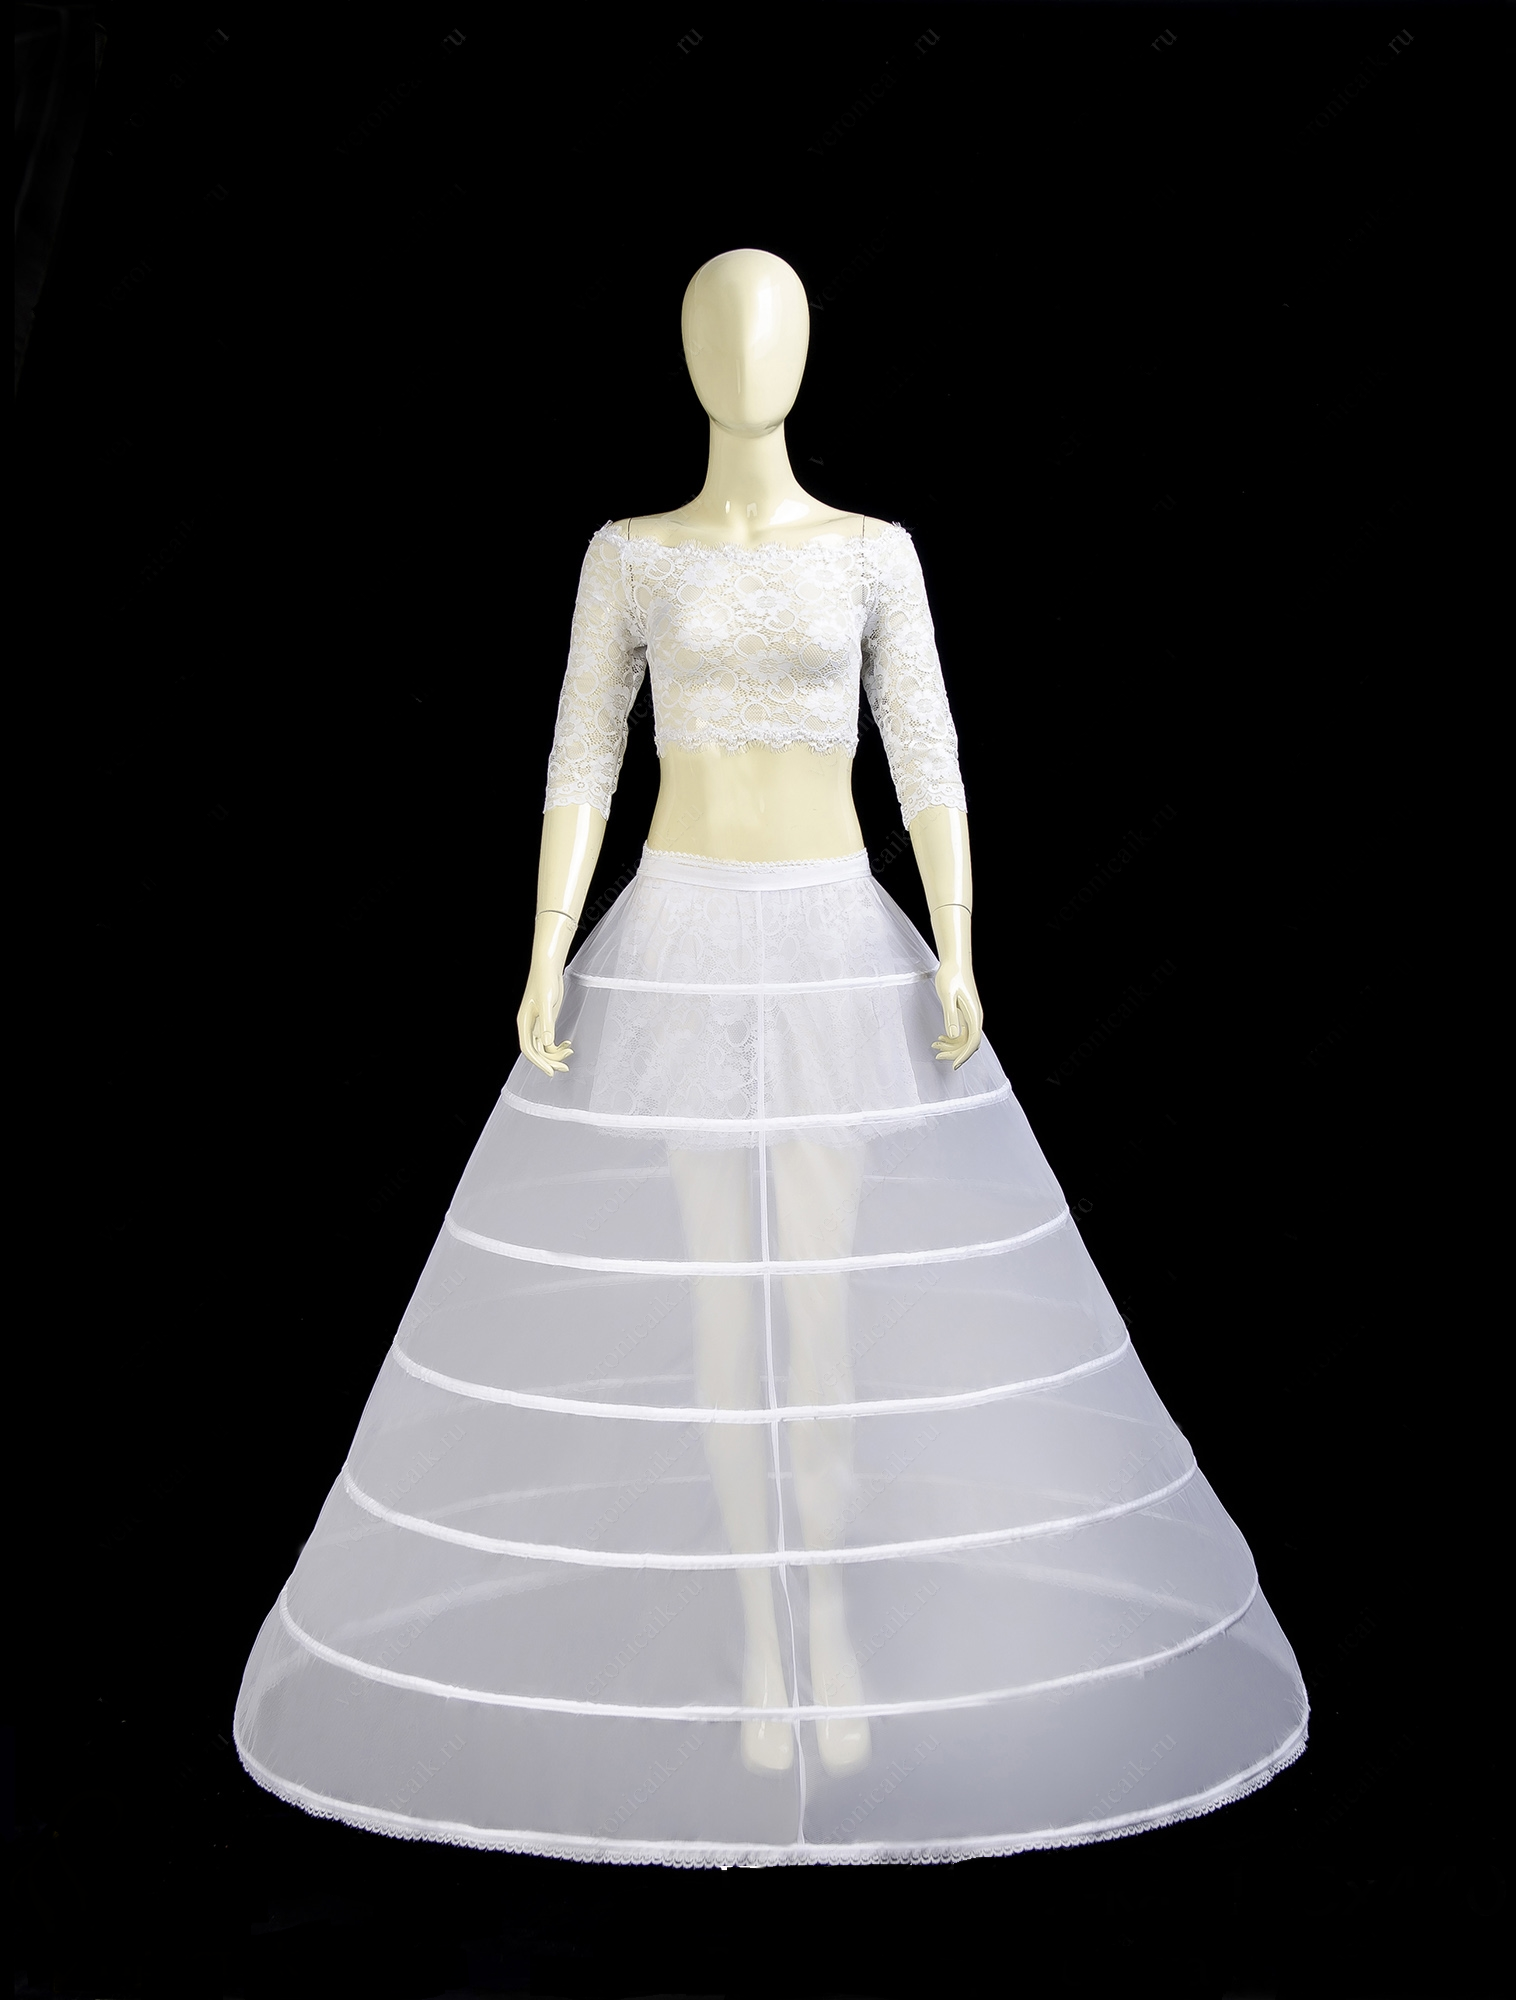 Де купити під'юбник з кільцями для весільної сукні